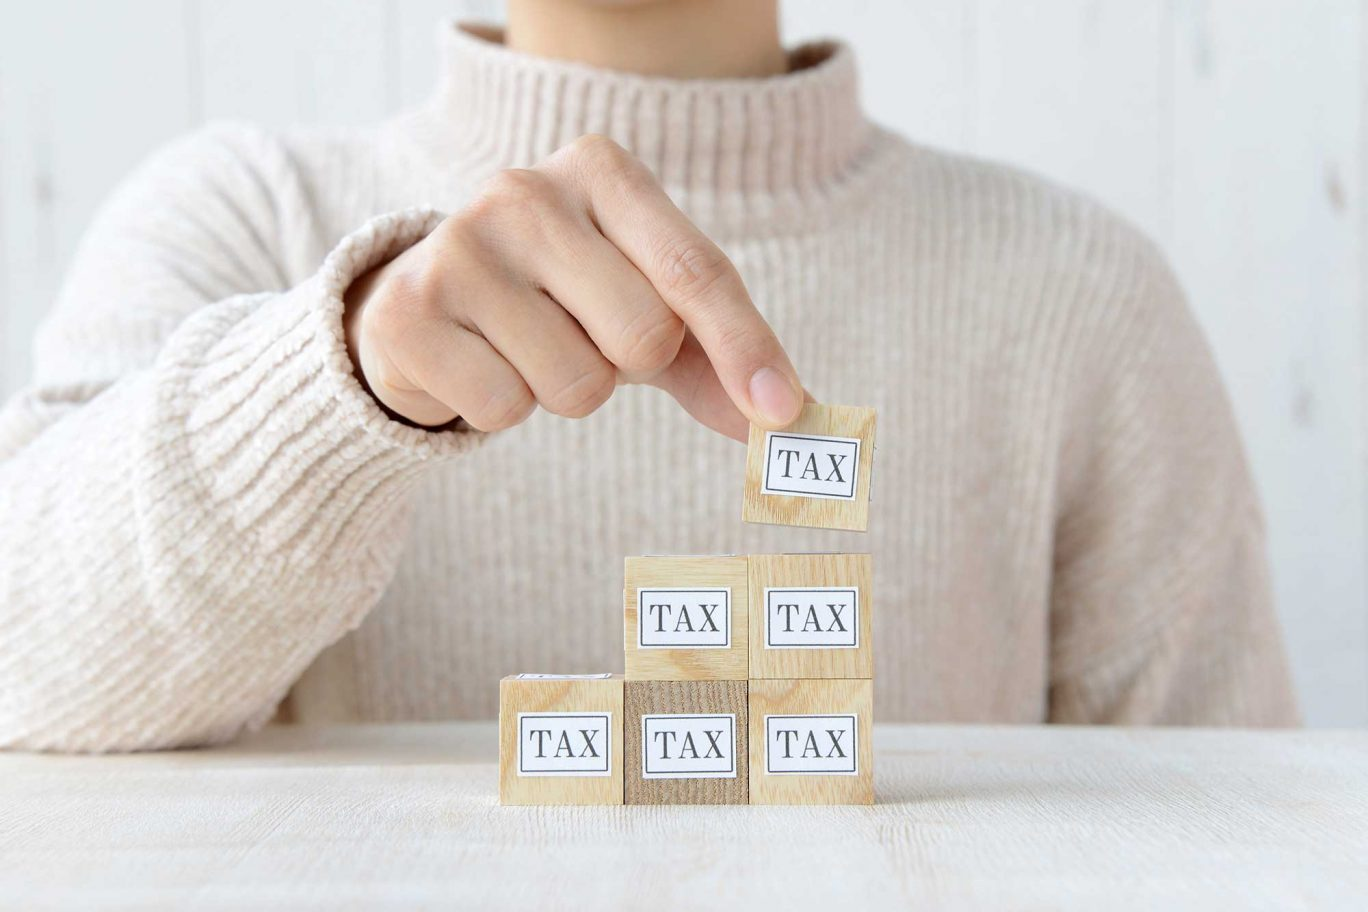 個人事業主の主な税金まとめ 所得税・住民税・個人事業税・消費税・償却資産税